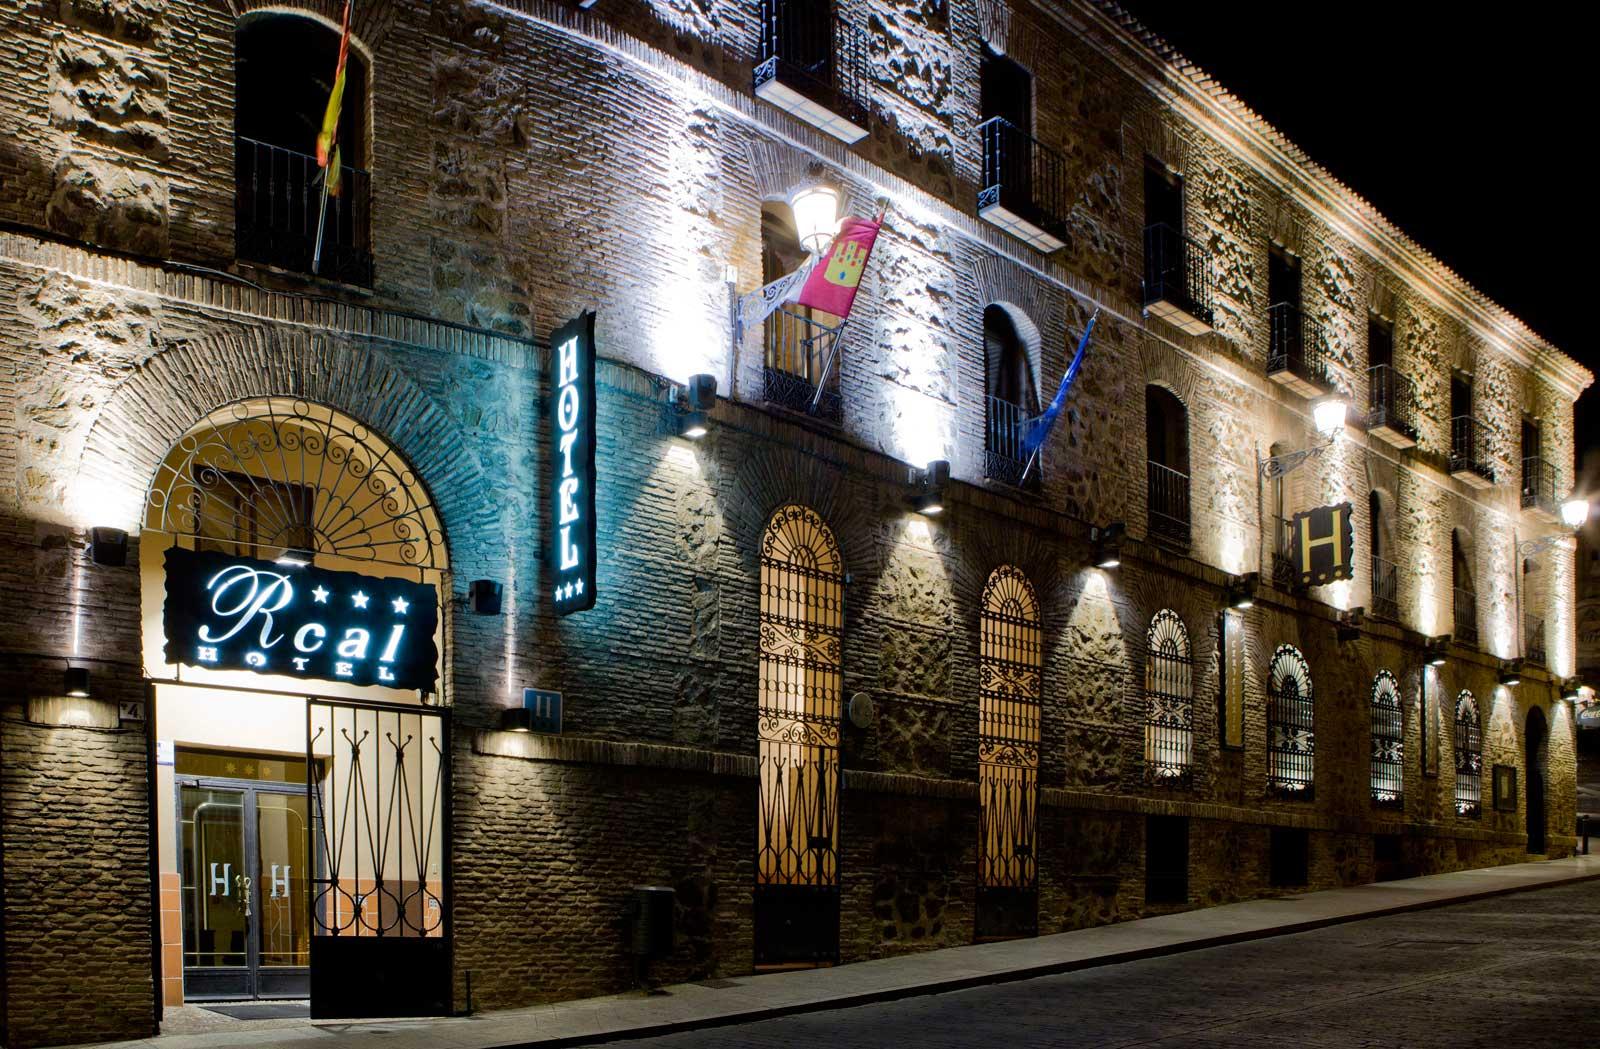 Hotel Real Toledo - Hotel Real de Toledo